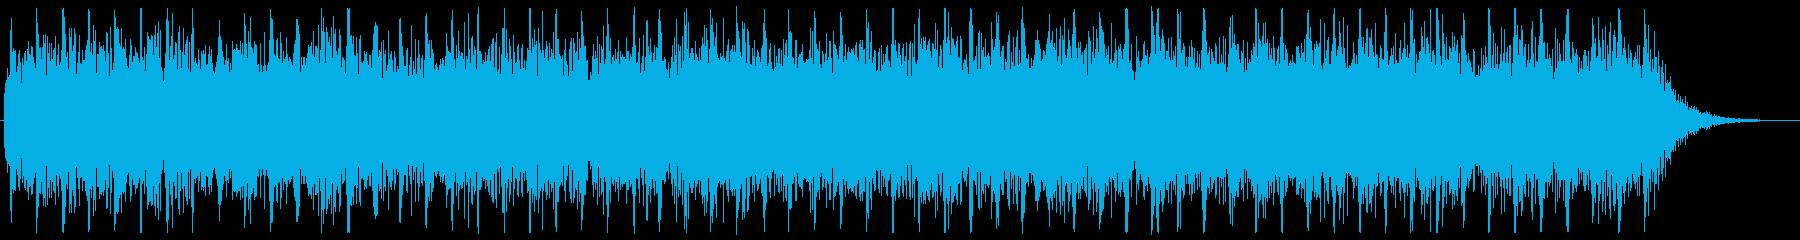 メタルの10秒程のジングル 場面転換の再生済みの波形